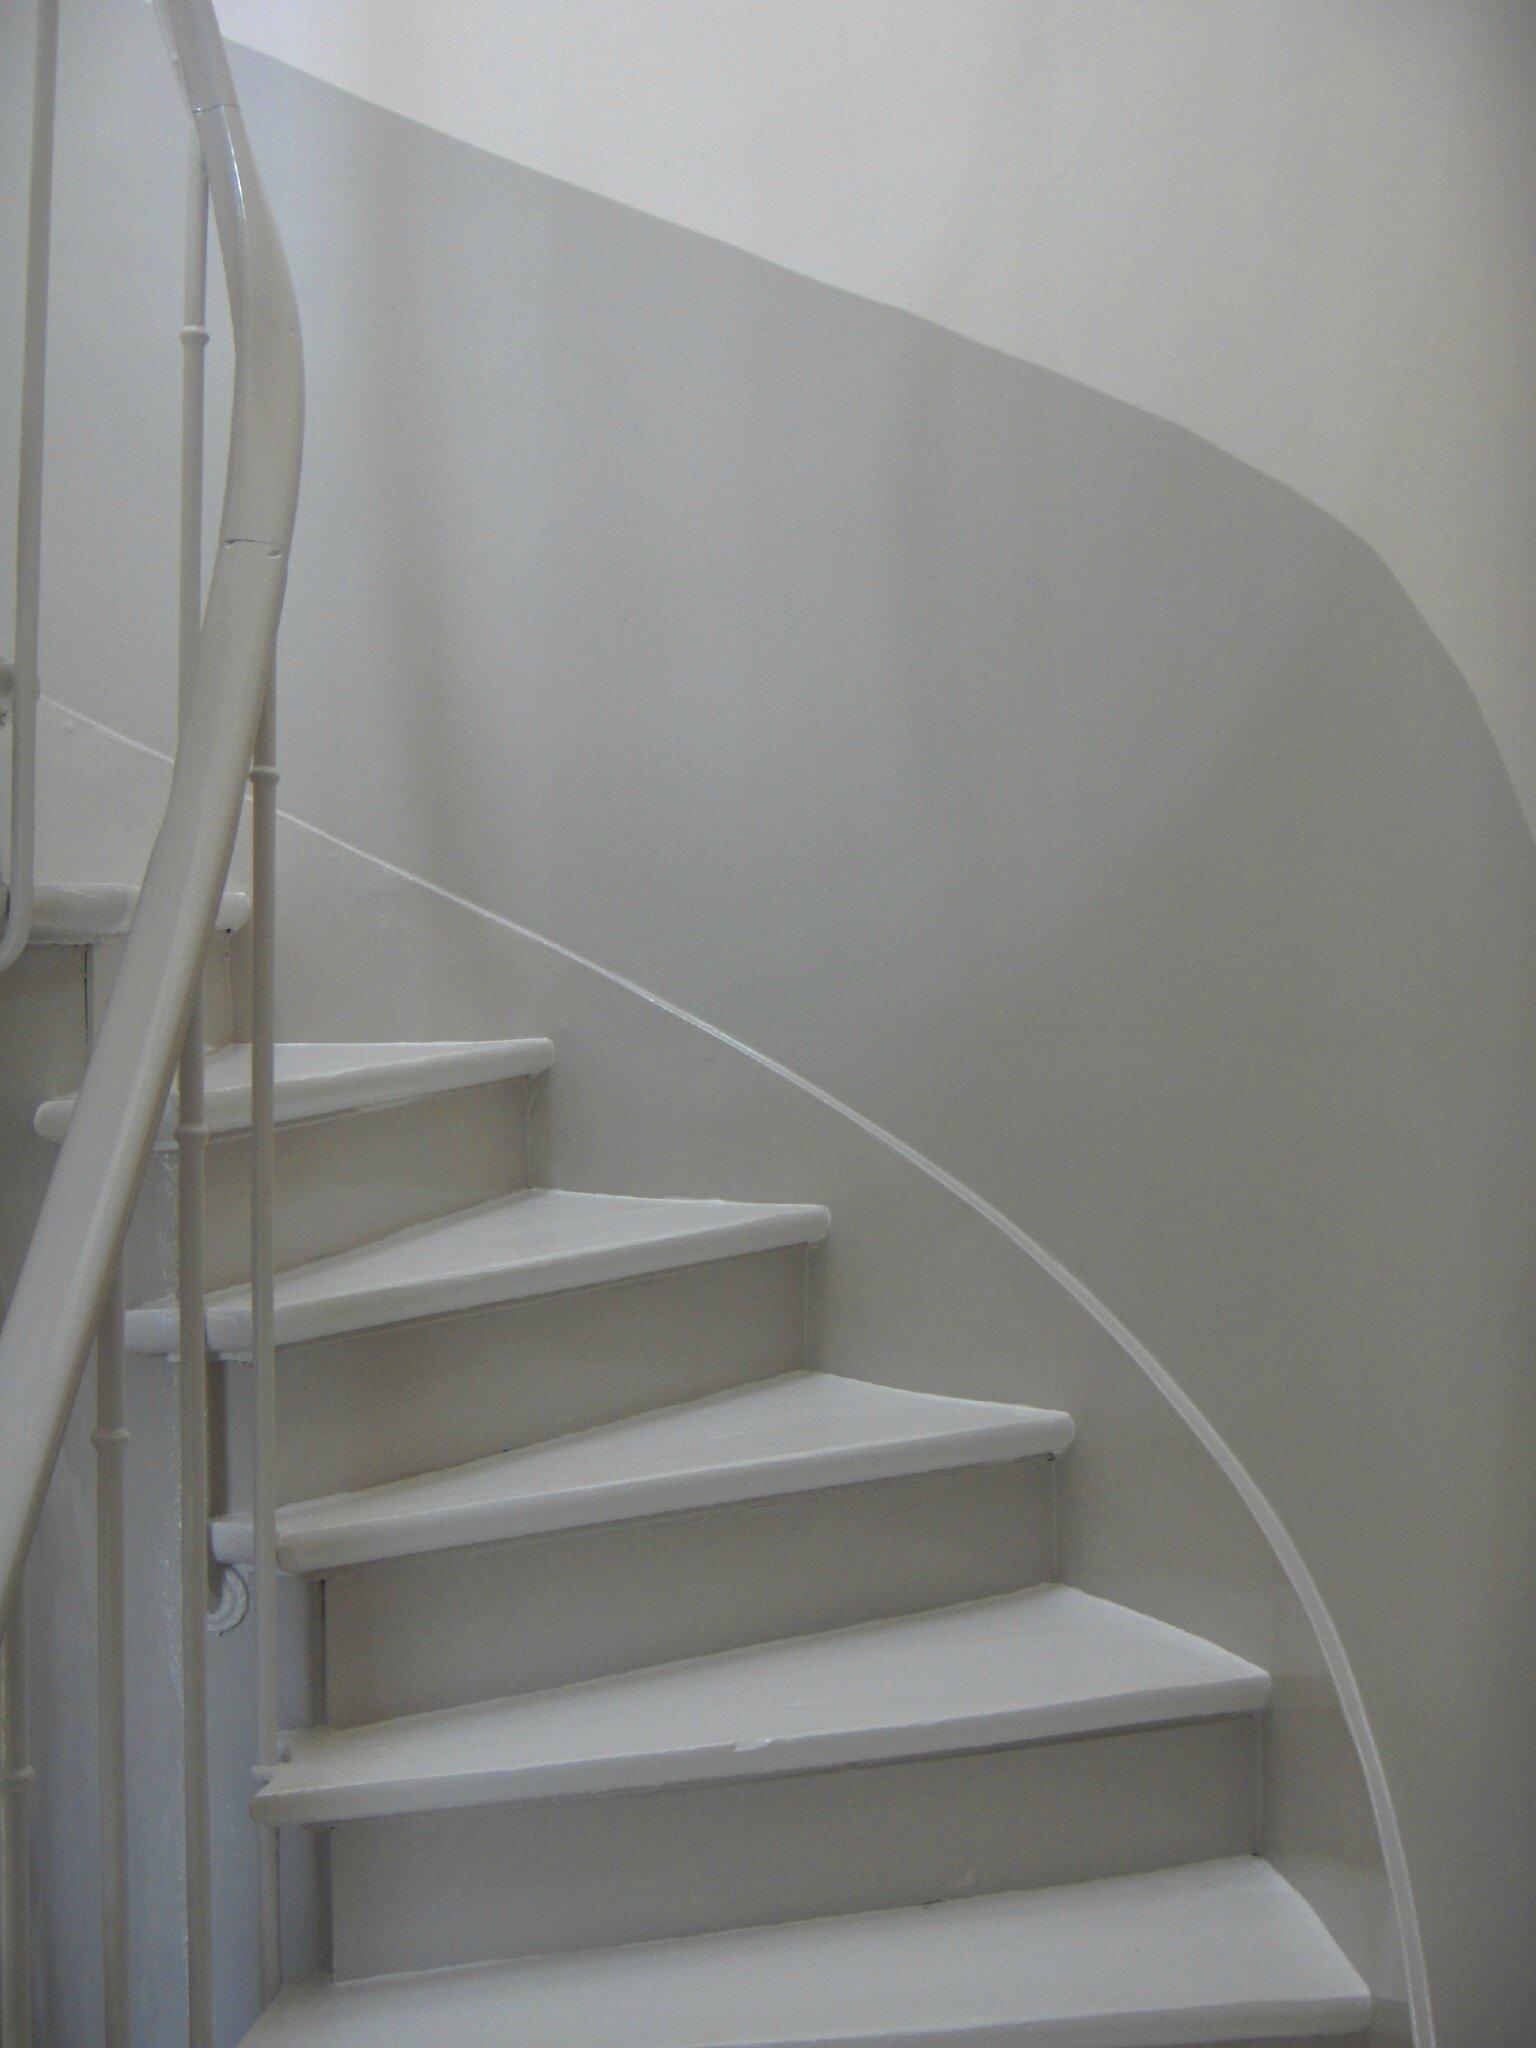 Peinture Cage Escalier Maison | Montee Escalier Interieur Elegant ...